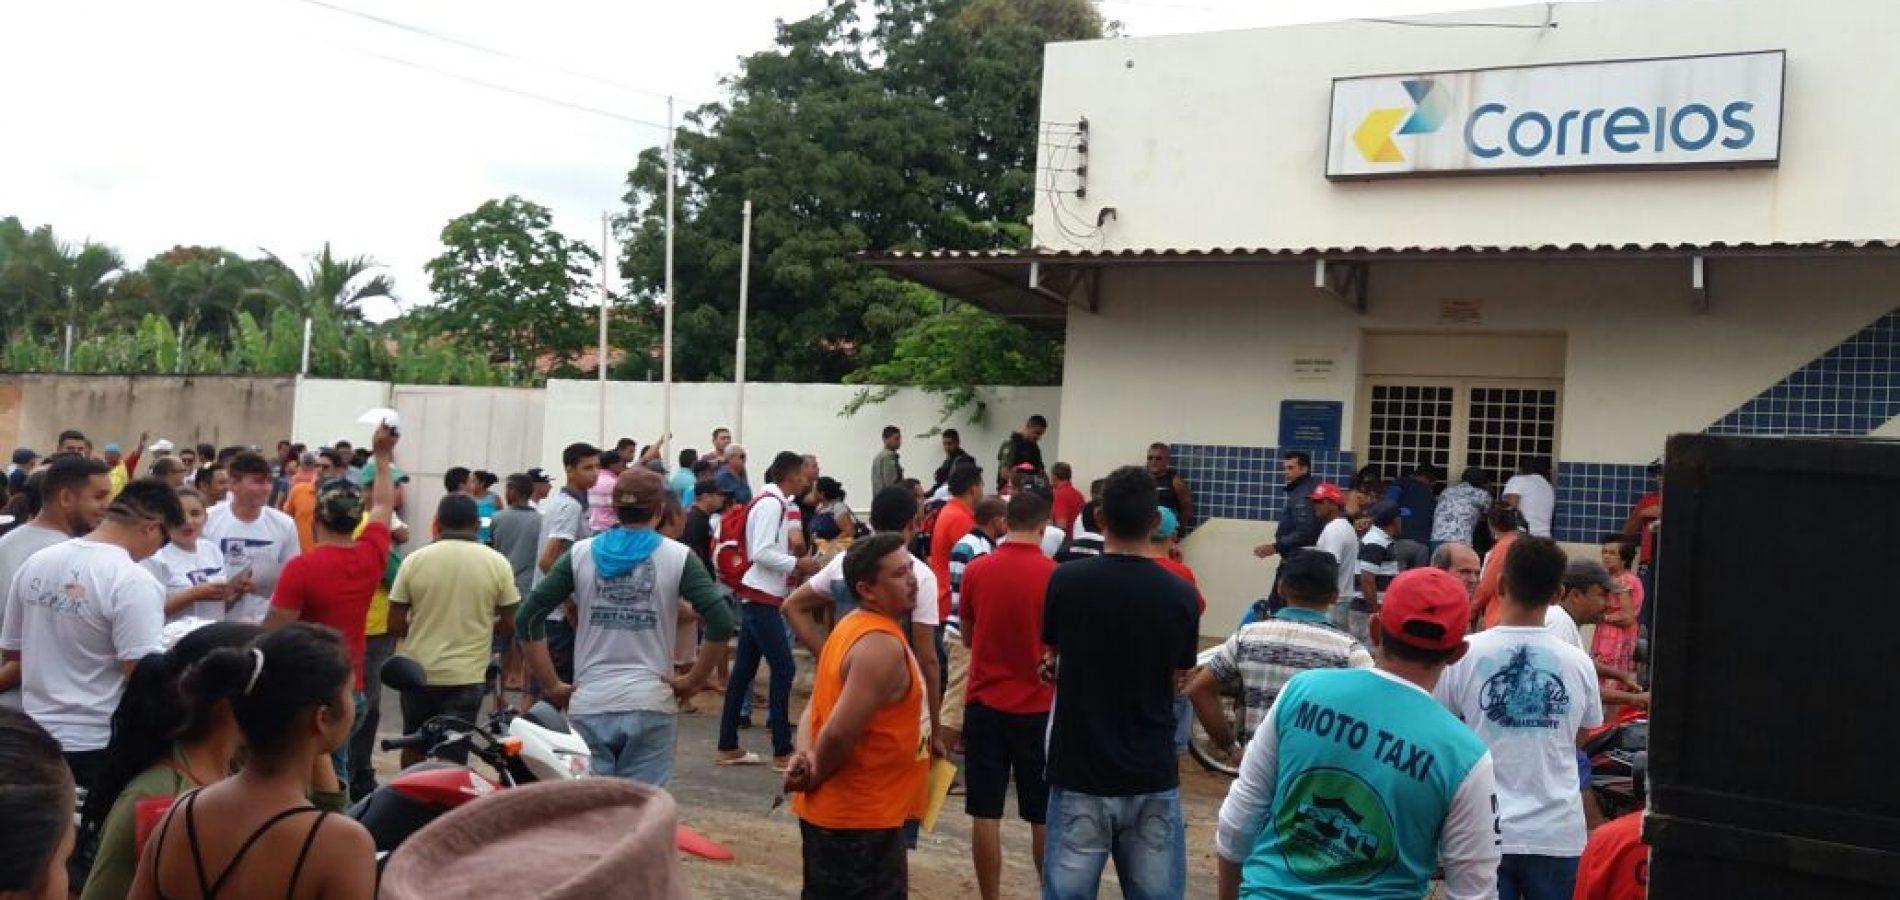 Bandidos são mortos em tentativa de assalto aos Correios no Piauí